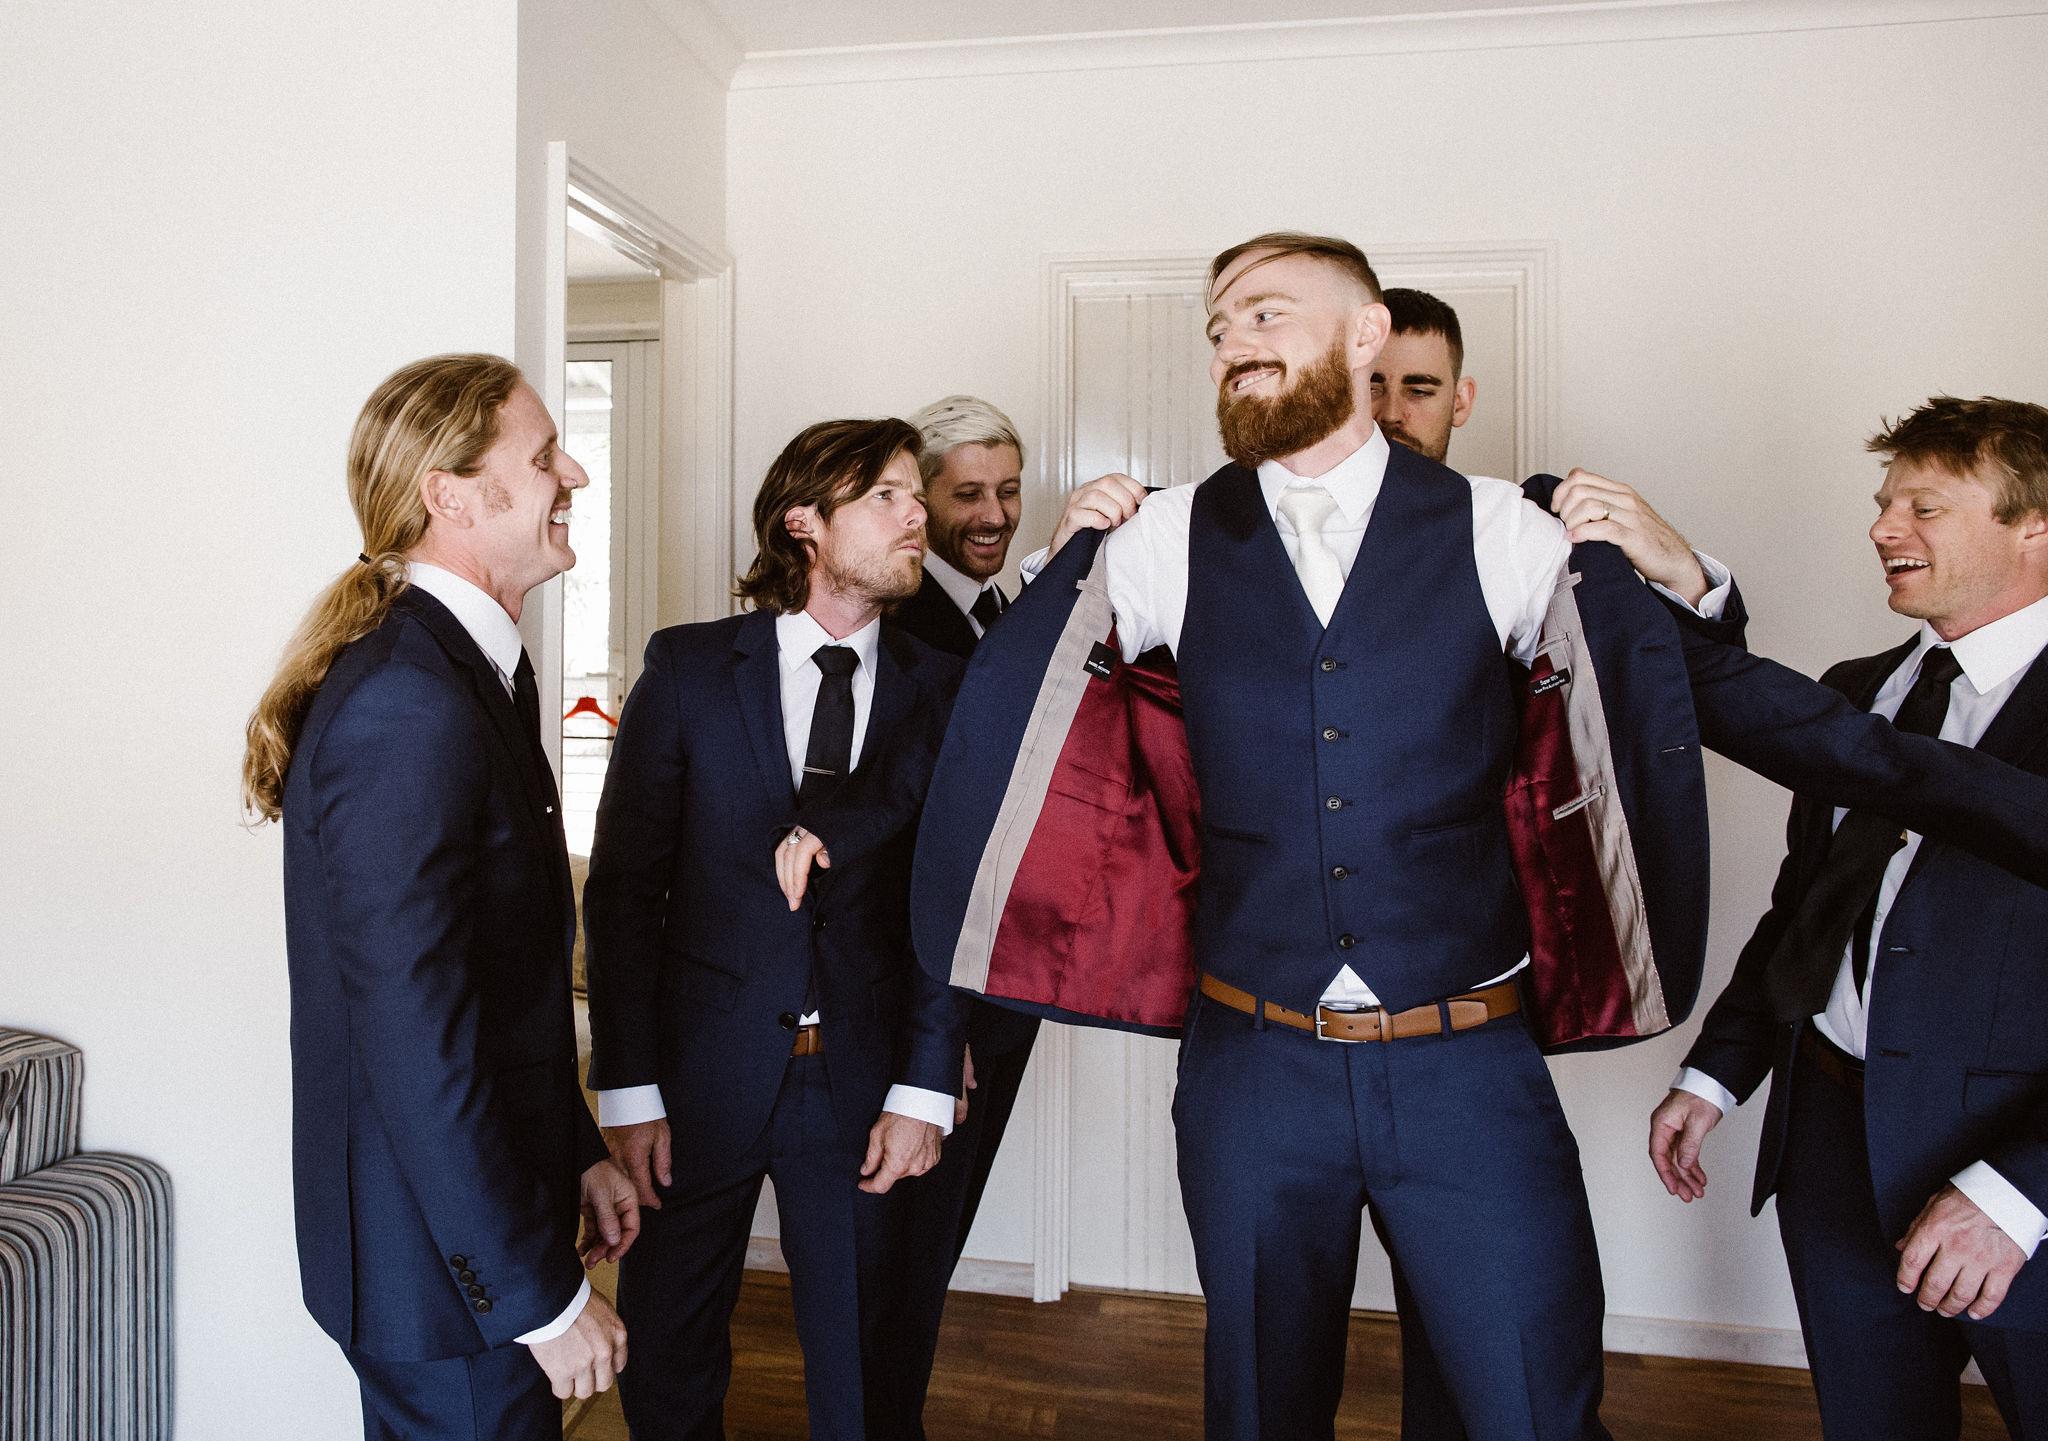 Perth Wedding Groom & Groomsmen